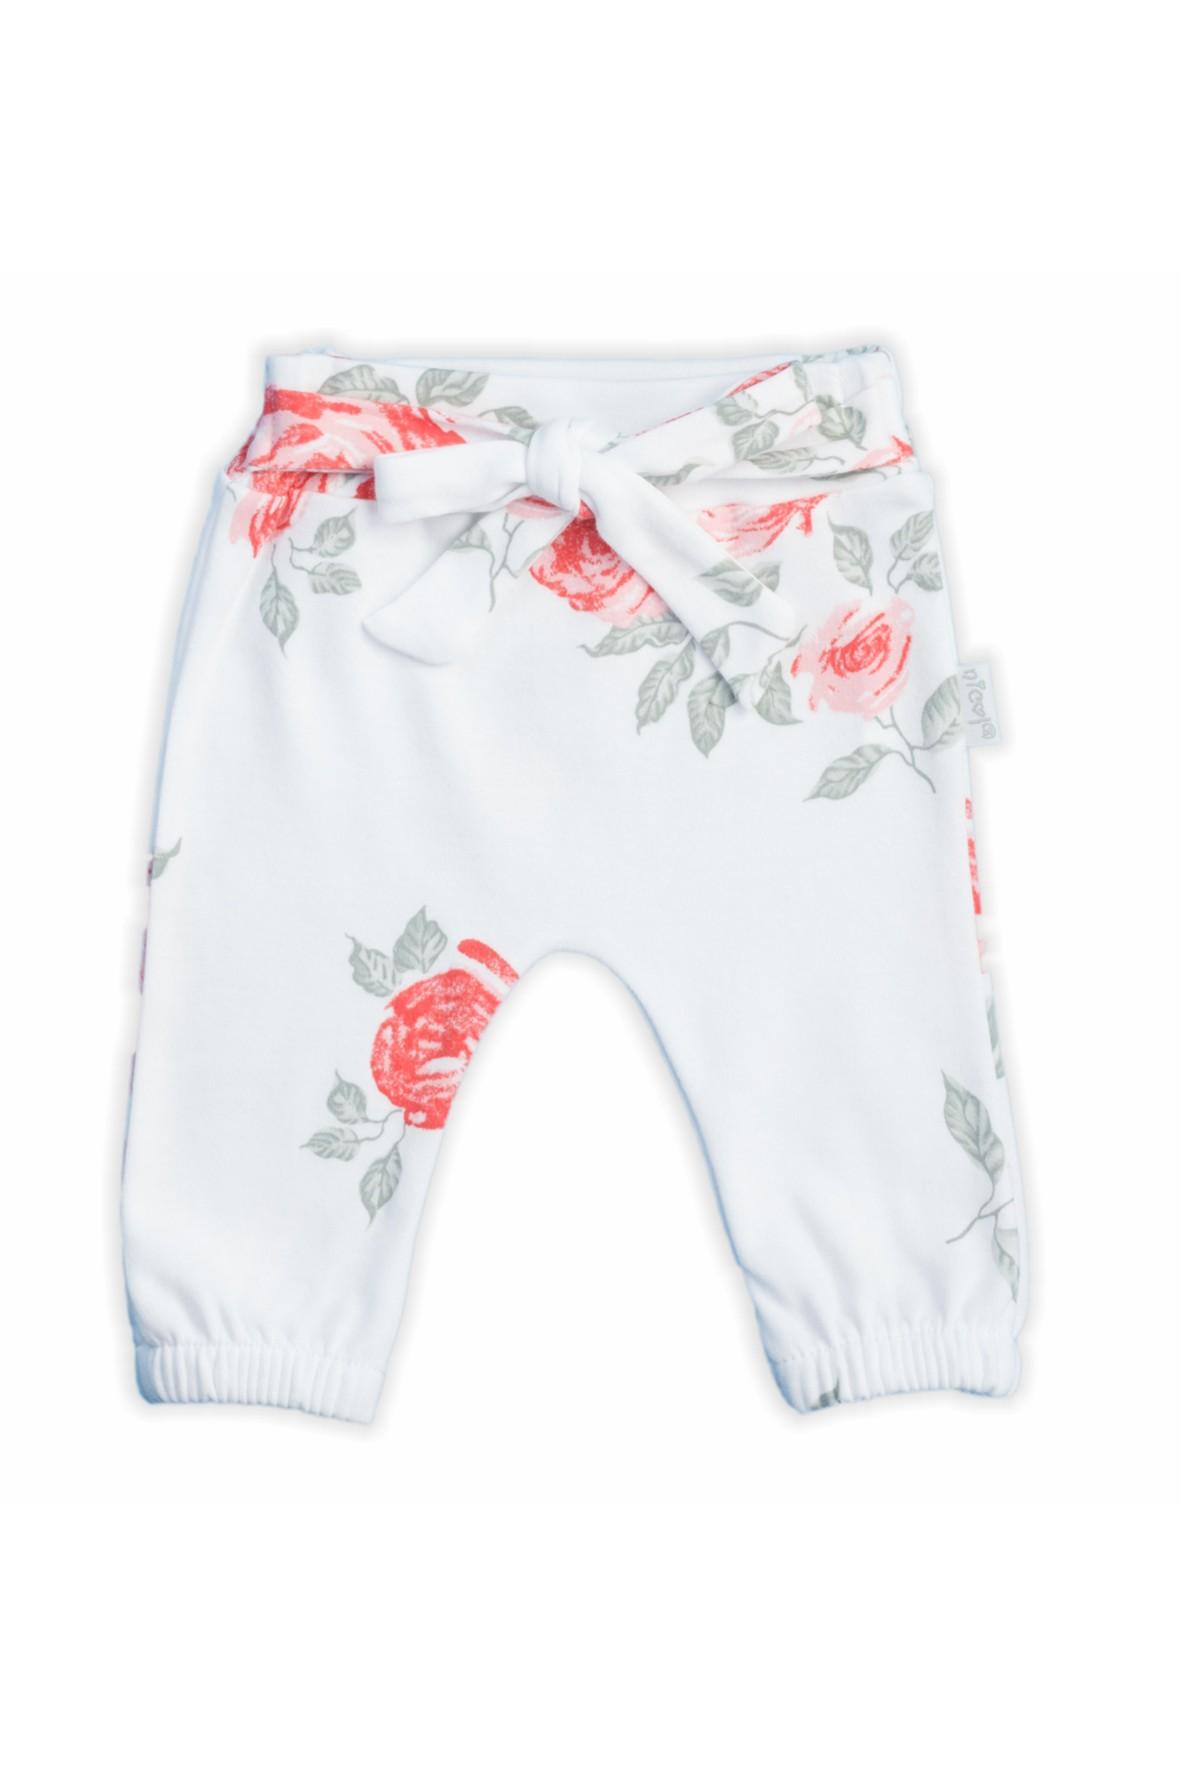 Bawełniane spodnie dziewczęce z kolekcji Róża w kwiaty